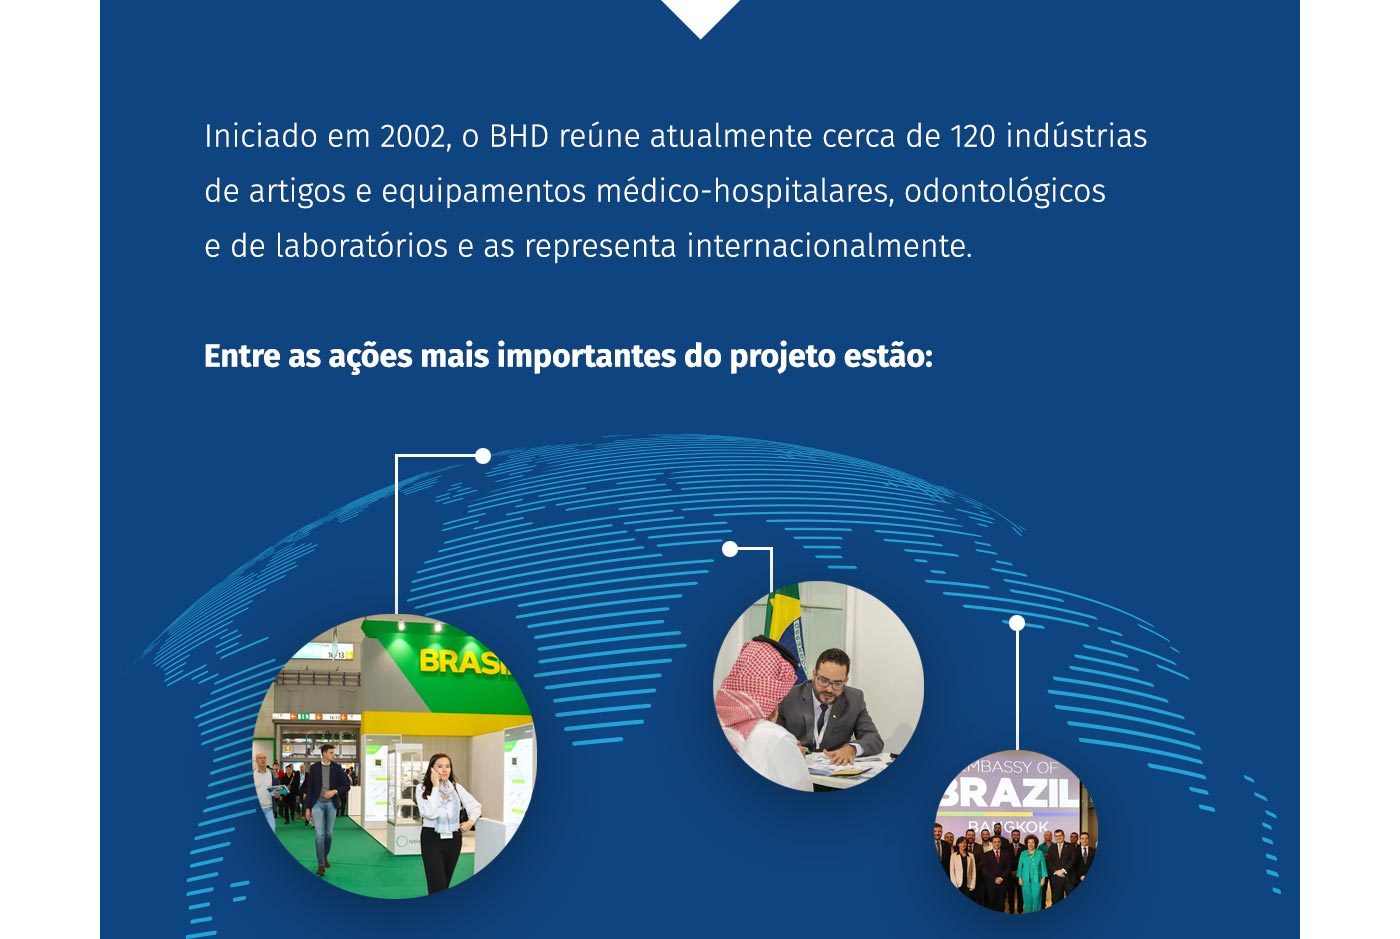 Iniciado em 2002, o BHD reúne atualmente cerca de 120 indústrias de artigos e equipamentos médico-hospitalares, odontológicos e de laboratórios e as representa internacionalmente.